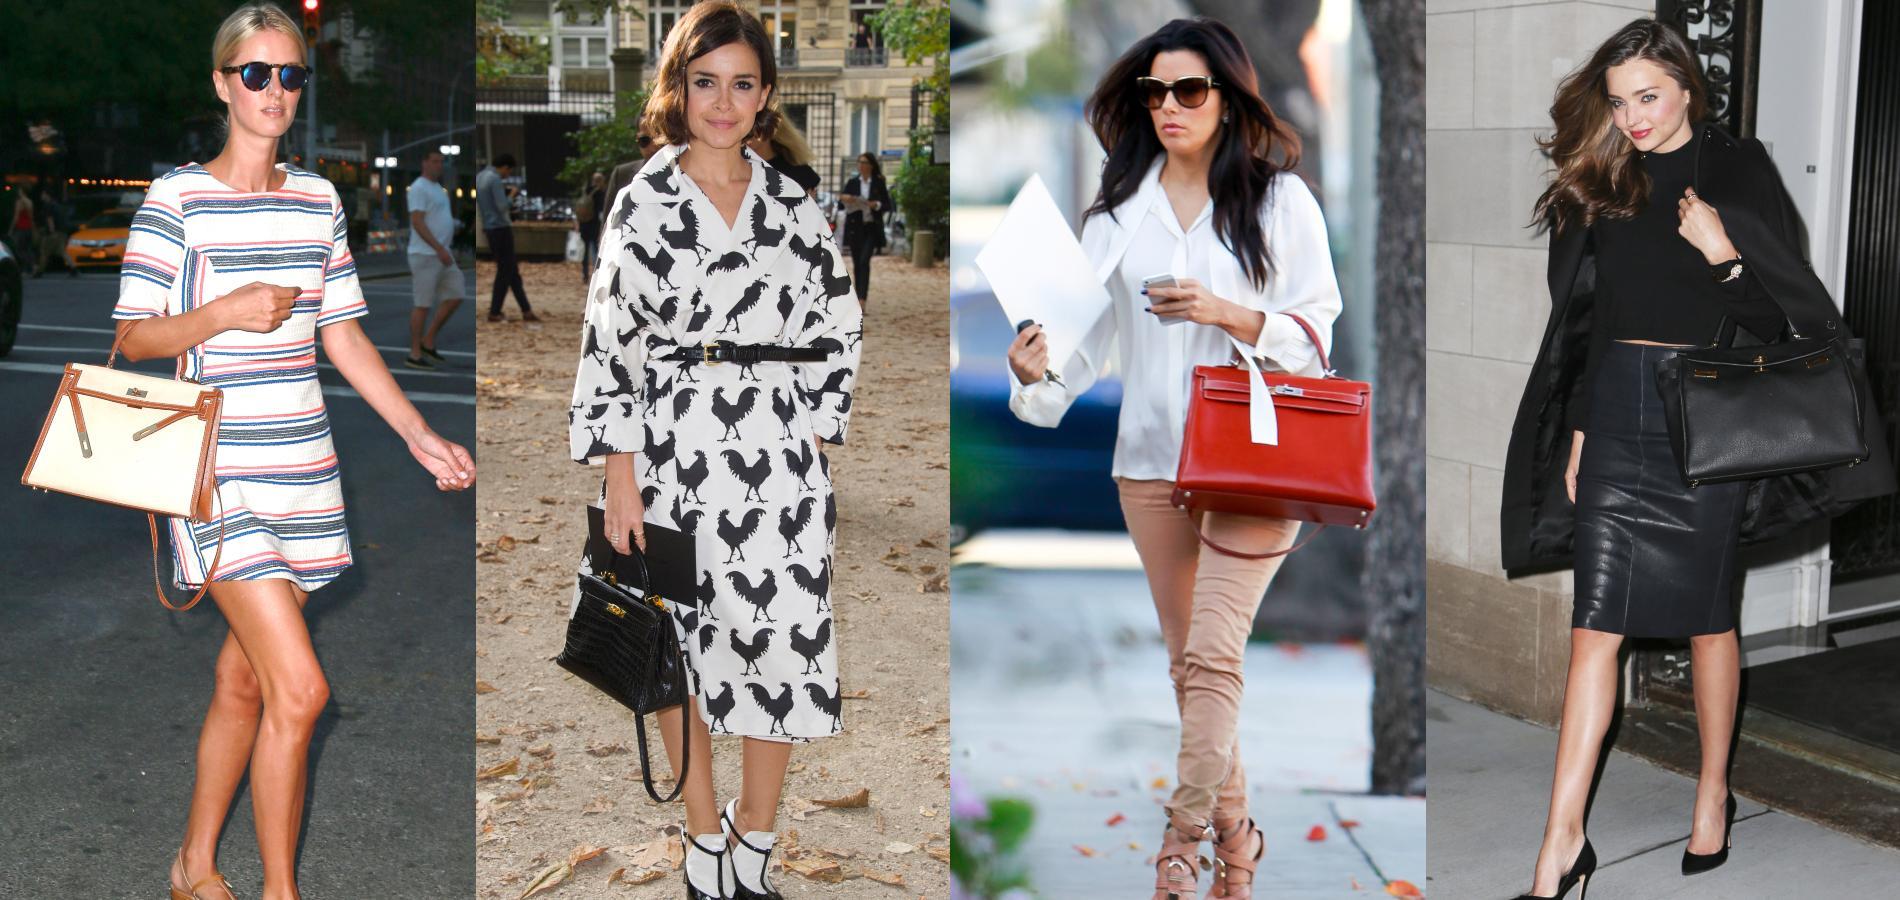 e93d79d2c7 De Miranda Kerr à Eva Longoria, cinq façons de porter le Kelly d'Hermès